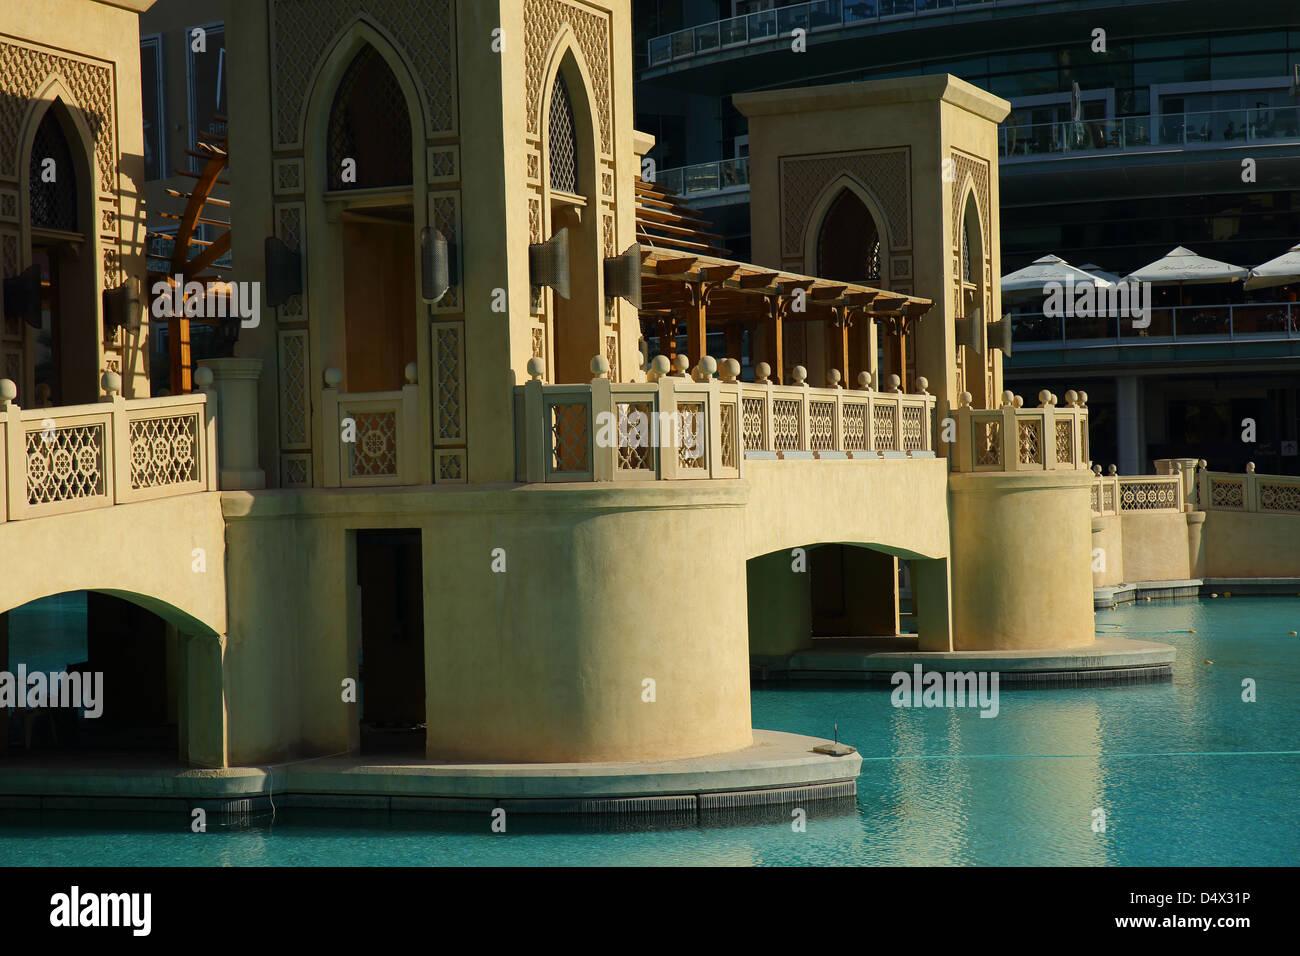 Il centro commerciale di Dubai, Dubai, Emirati Arabi Uniti Immagini Stock